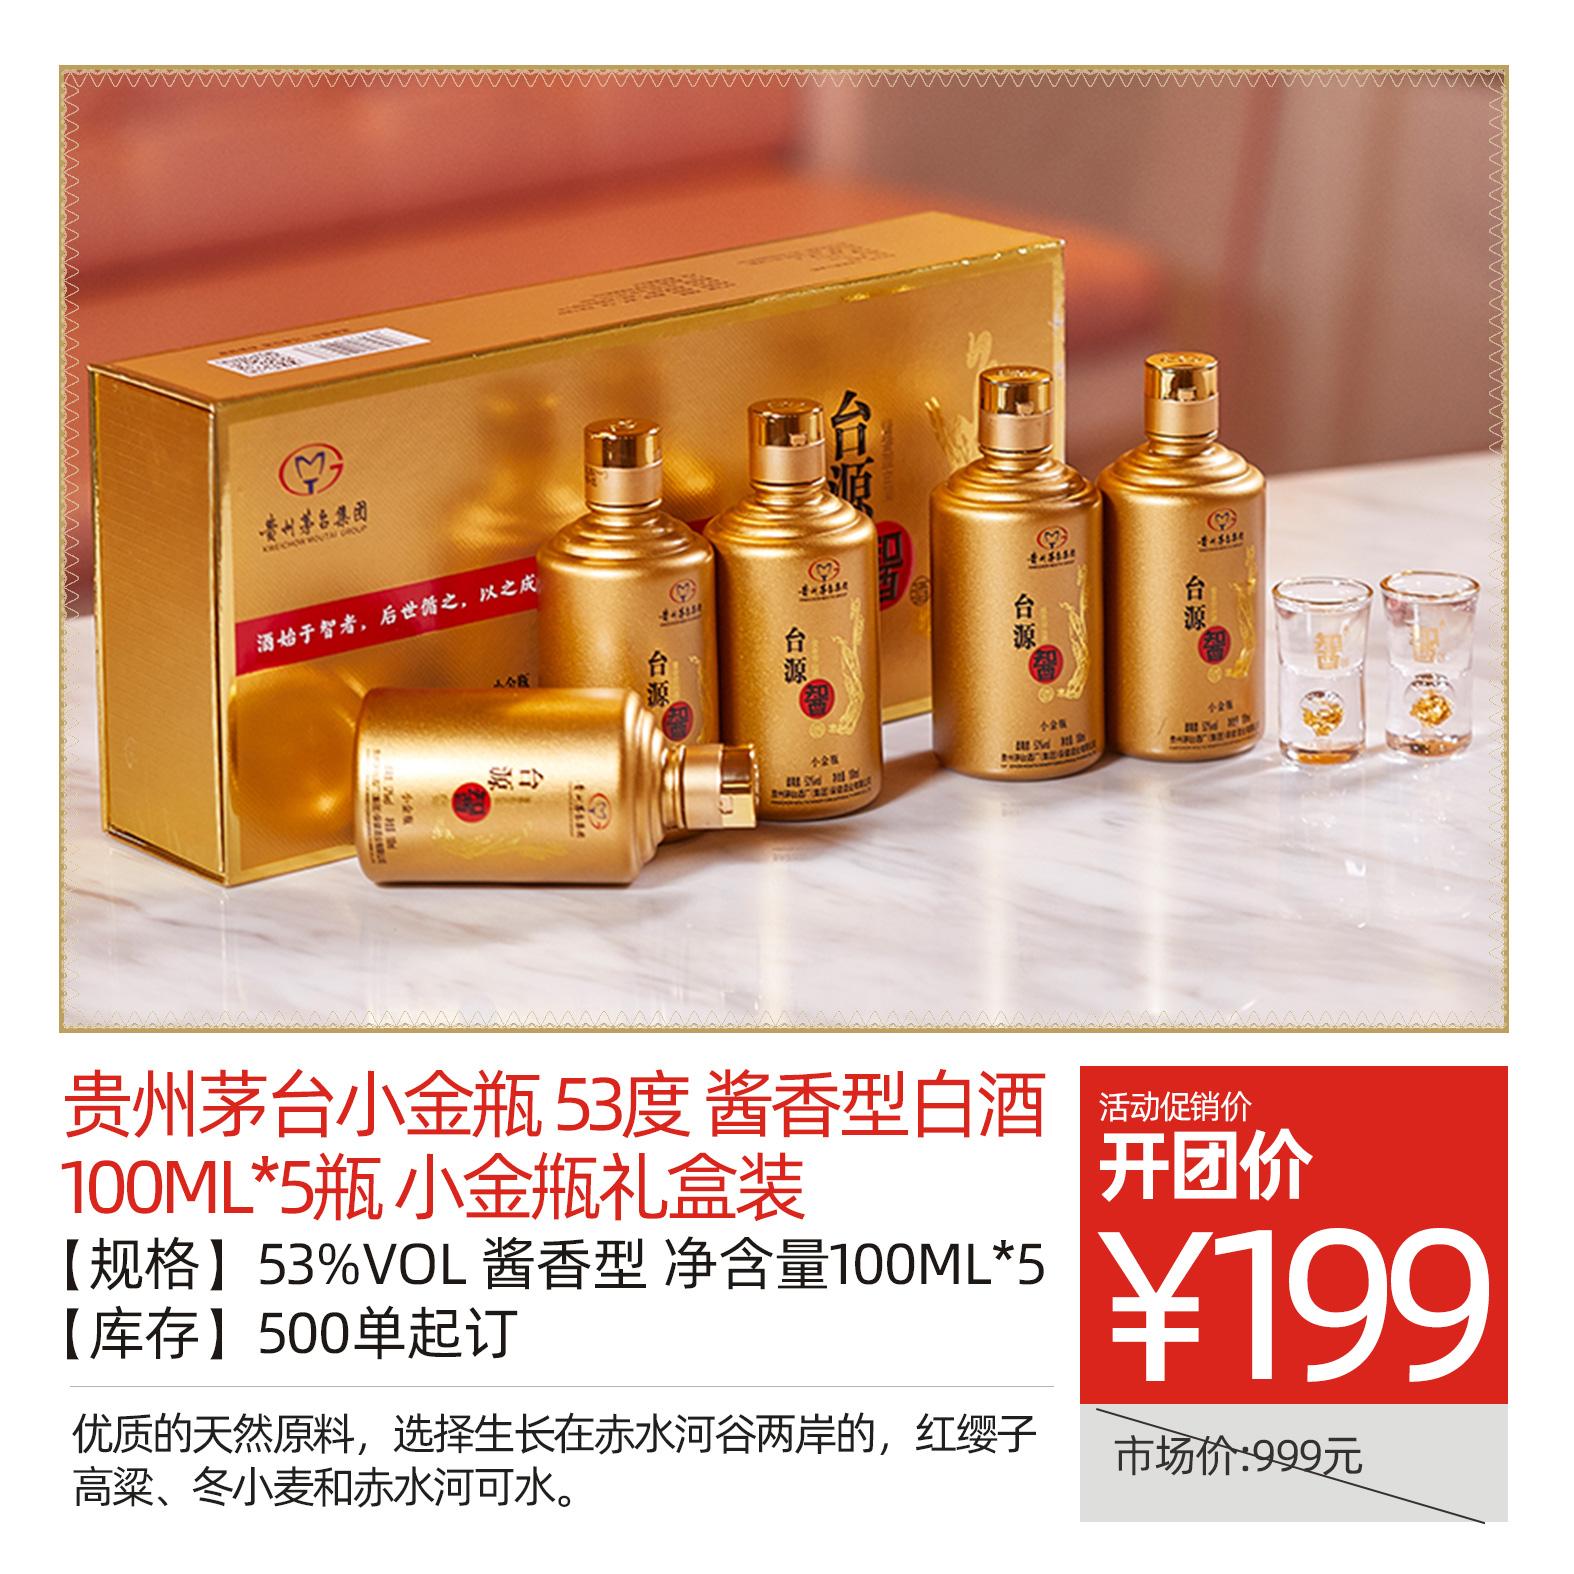 贵州茅台小金瓶 53度 酱香型白酒 100ml*5瓶 小金甁礼盒装-- 500单起订